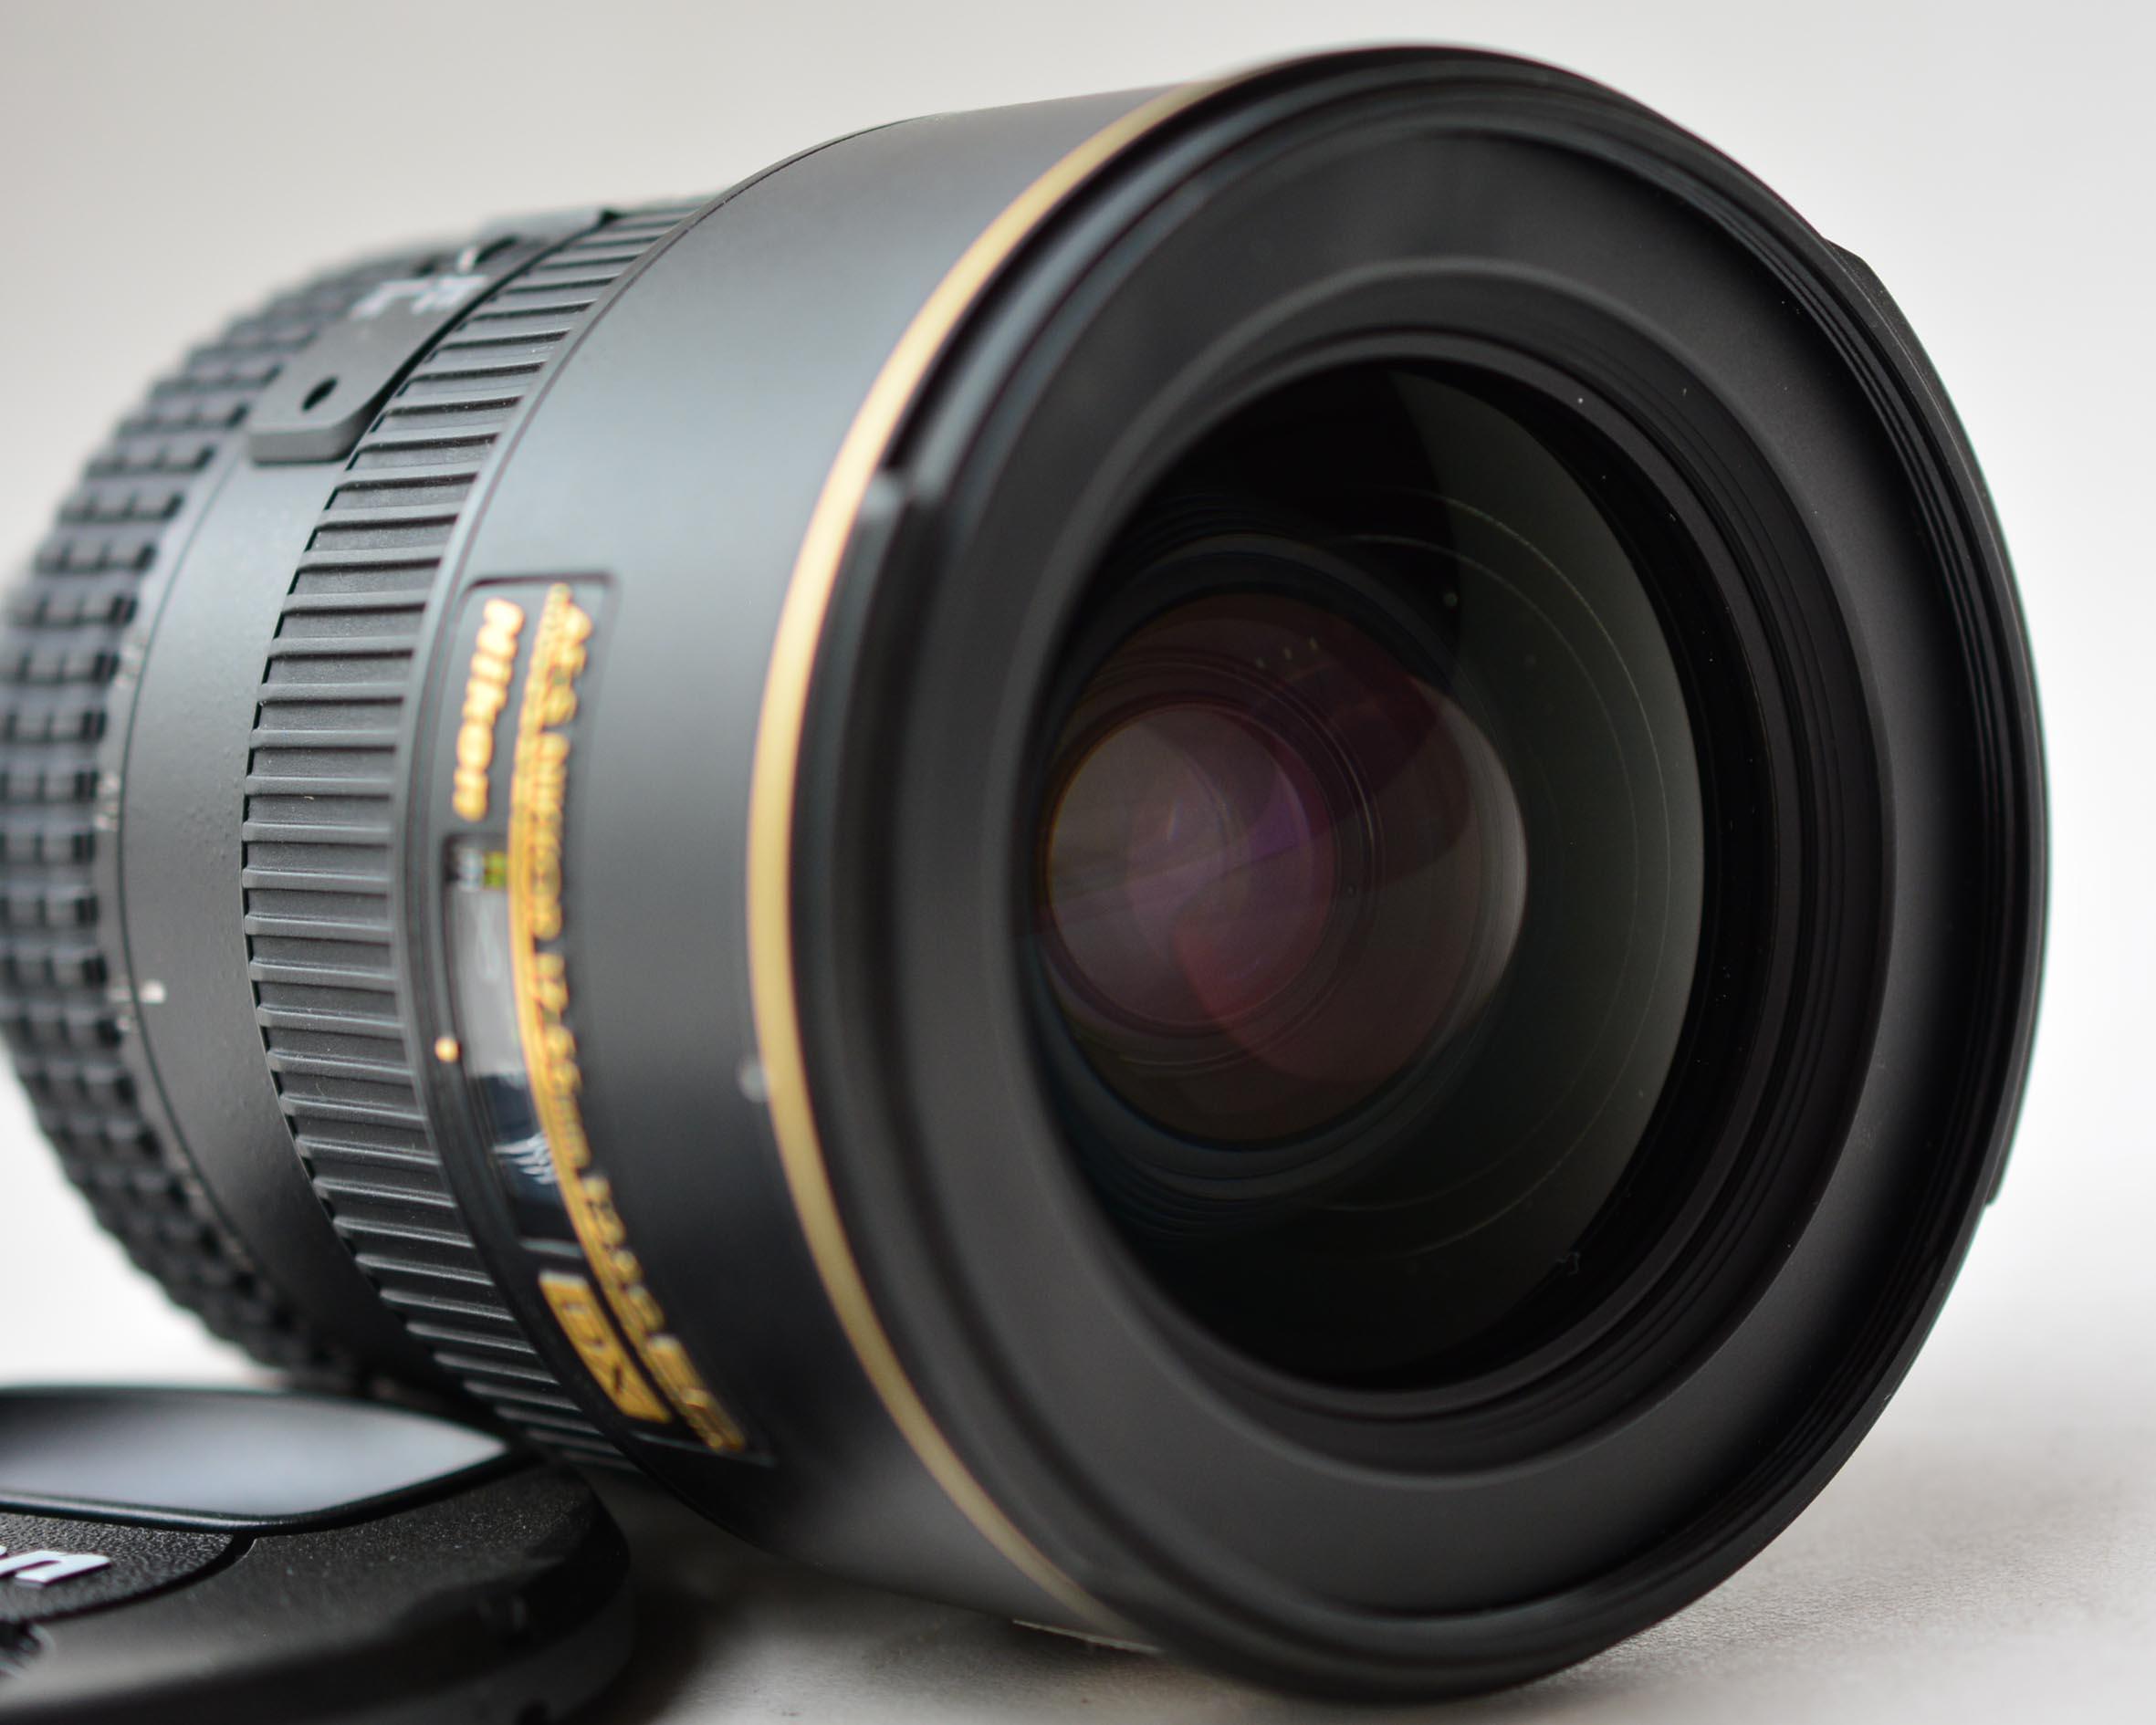 Nikon AF-S 17-55mm f/2.8G ED DX